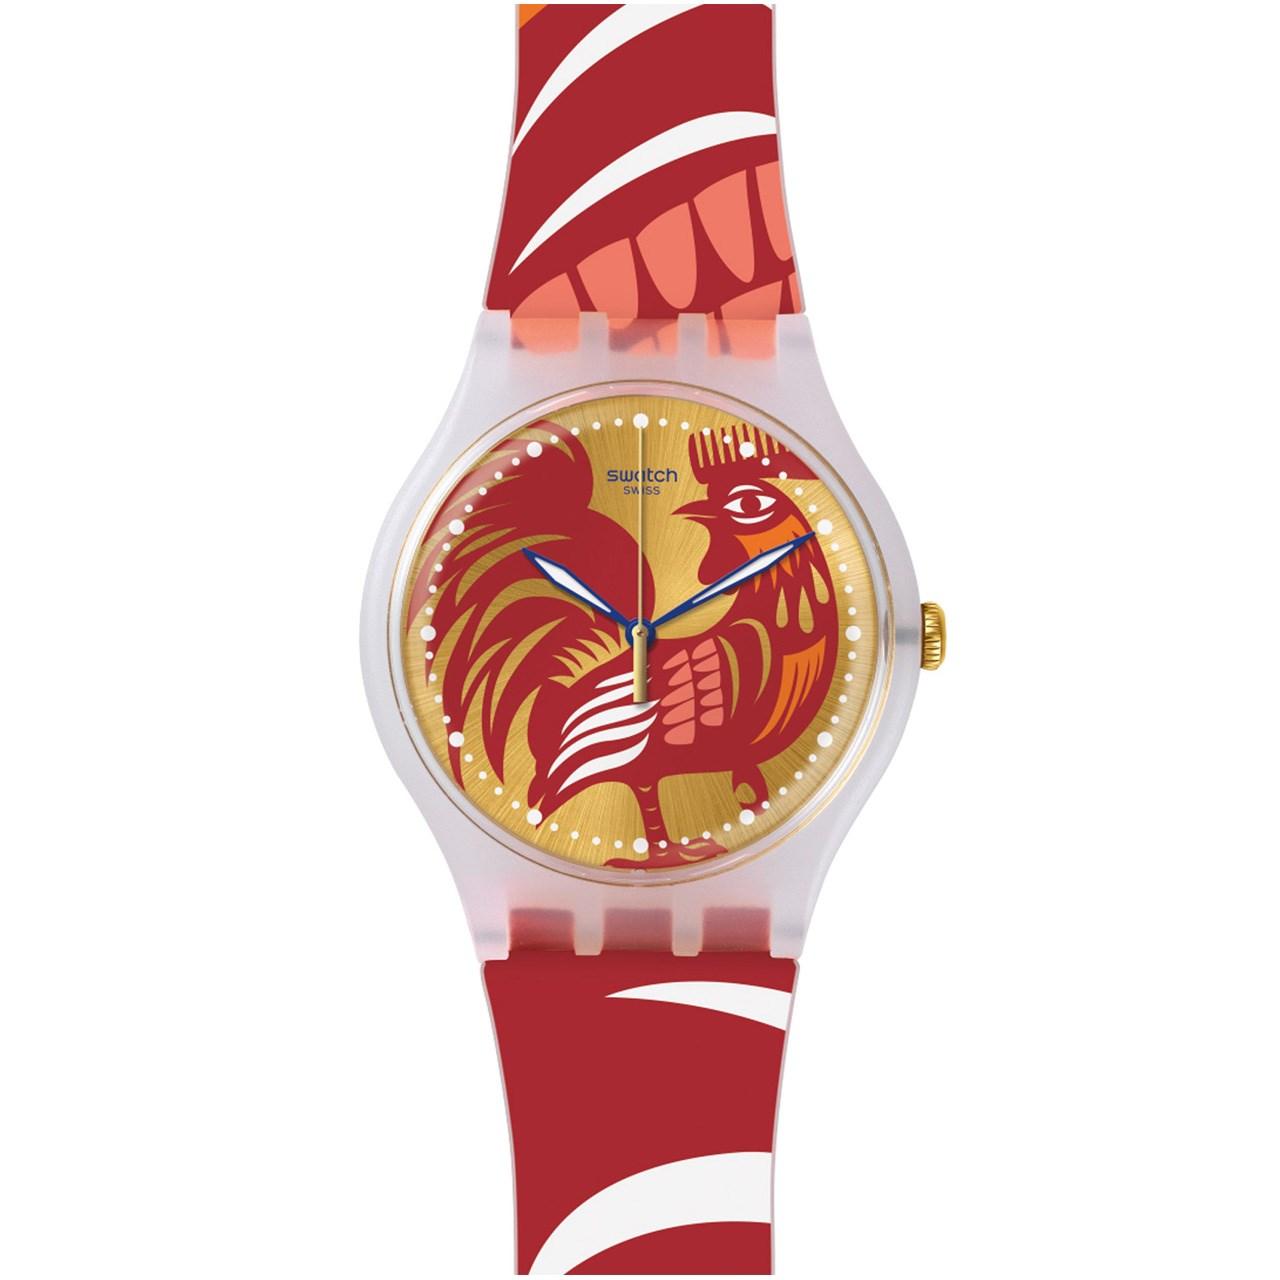 ساعت مچی عقربه ای زنانه سواچ مدل SUOZ226 19